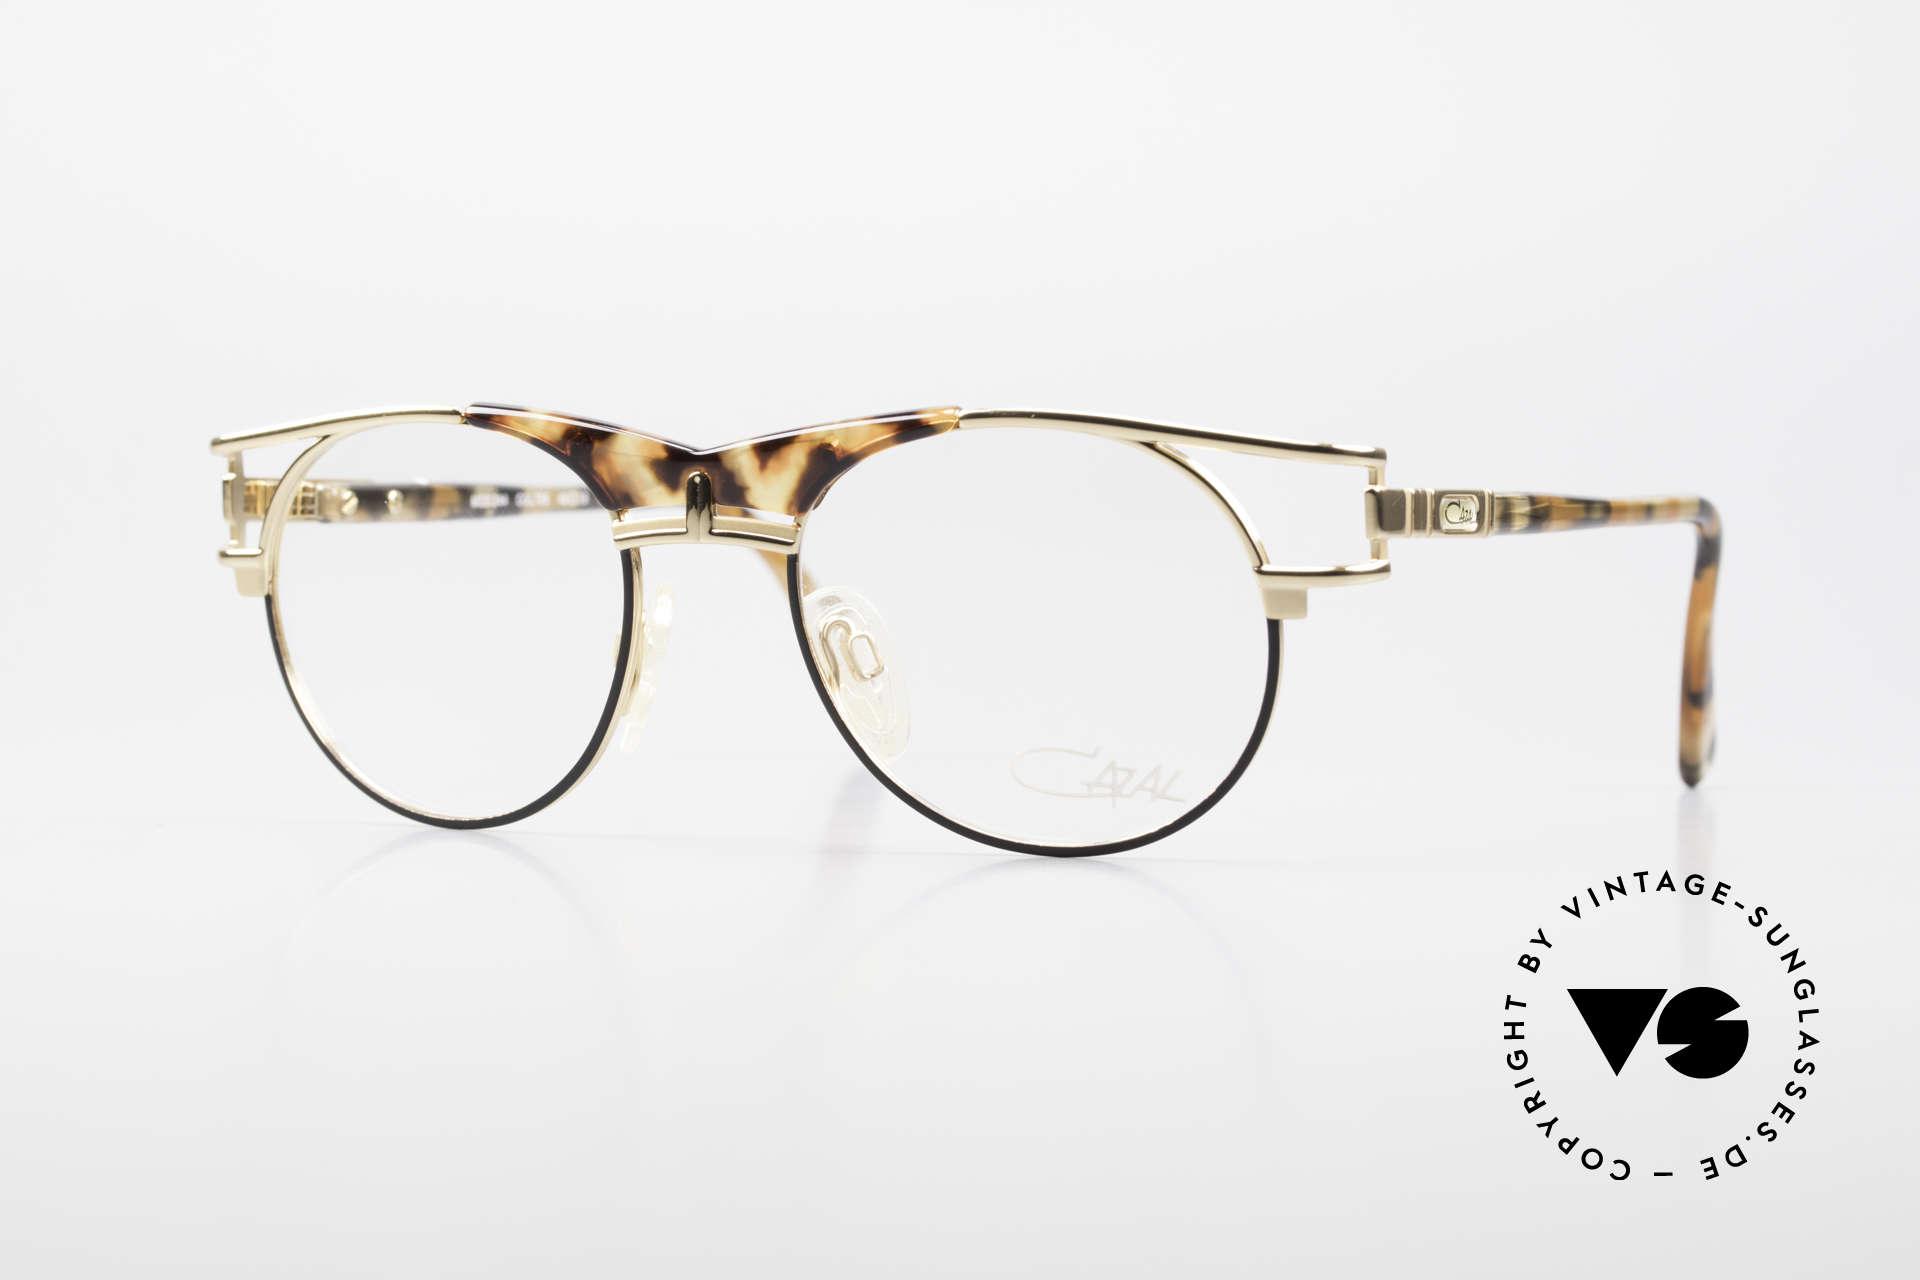 Cazal 244 Iconic 90's Vintage Eyeglasses, elegant Cazal designer glasses of the early 90's, Made for Men and Women